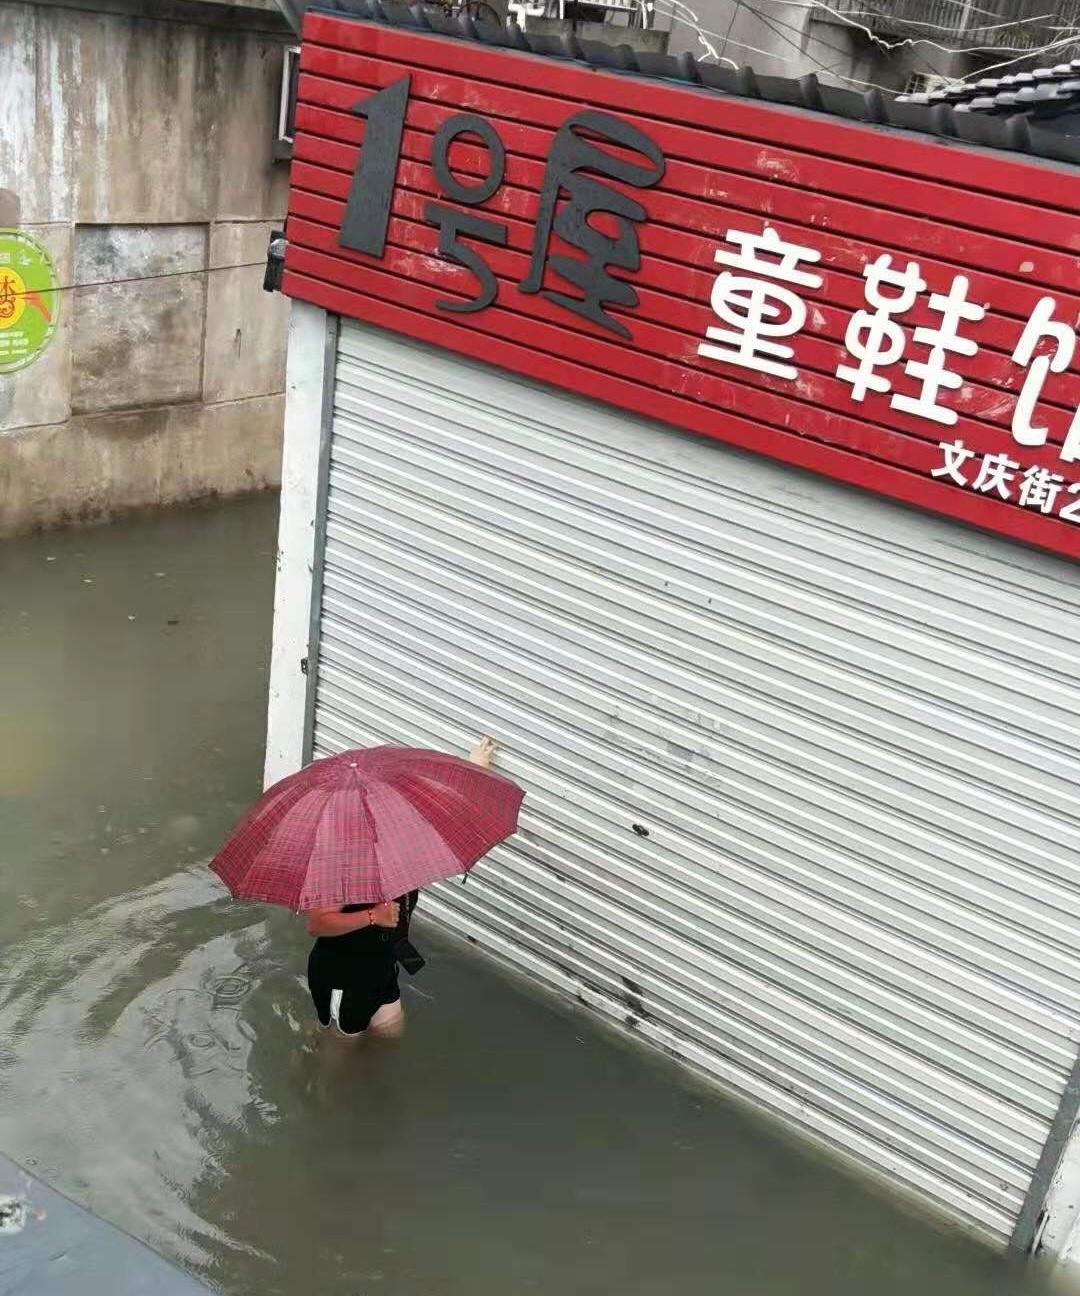 浙江临海利奇马过境:水淹到二楼部分街道仍有积水|临海|积水